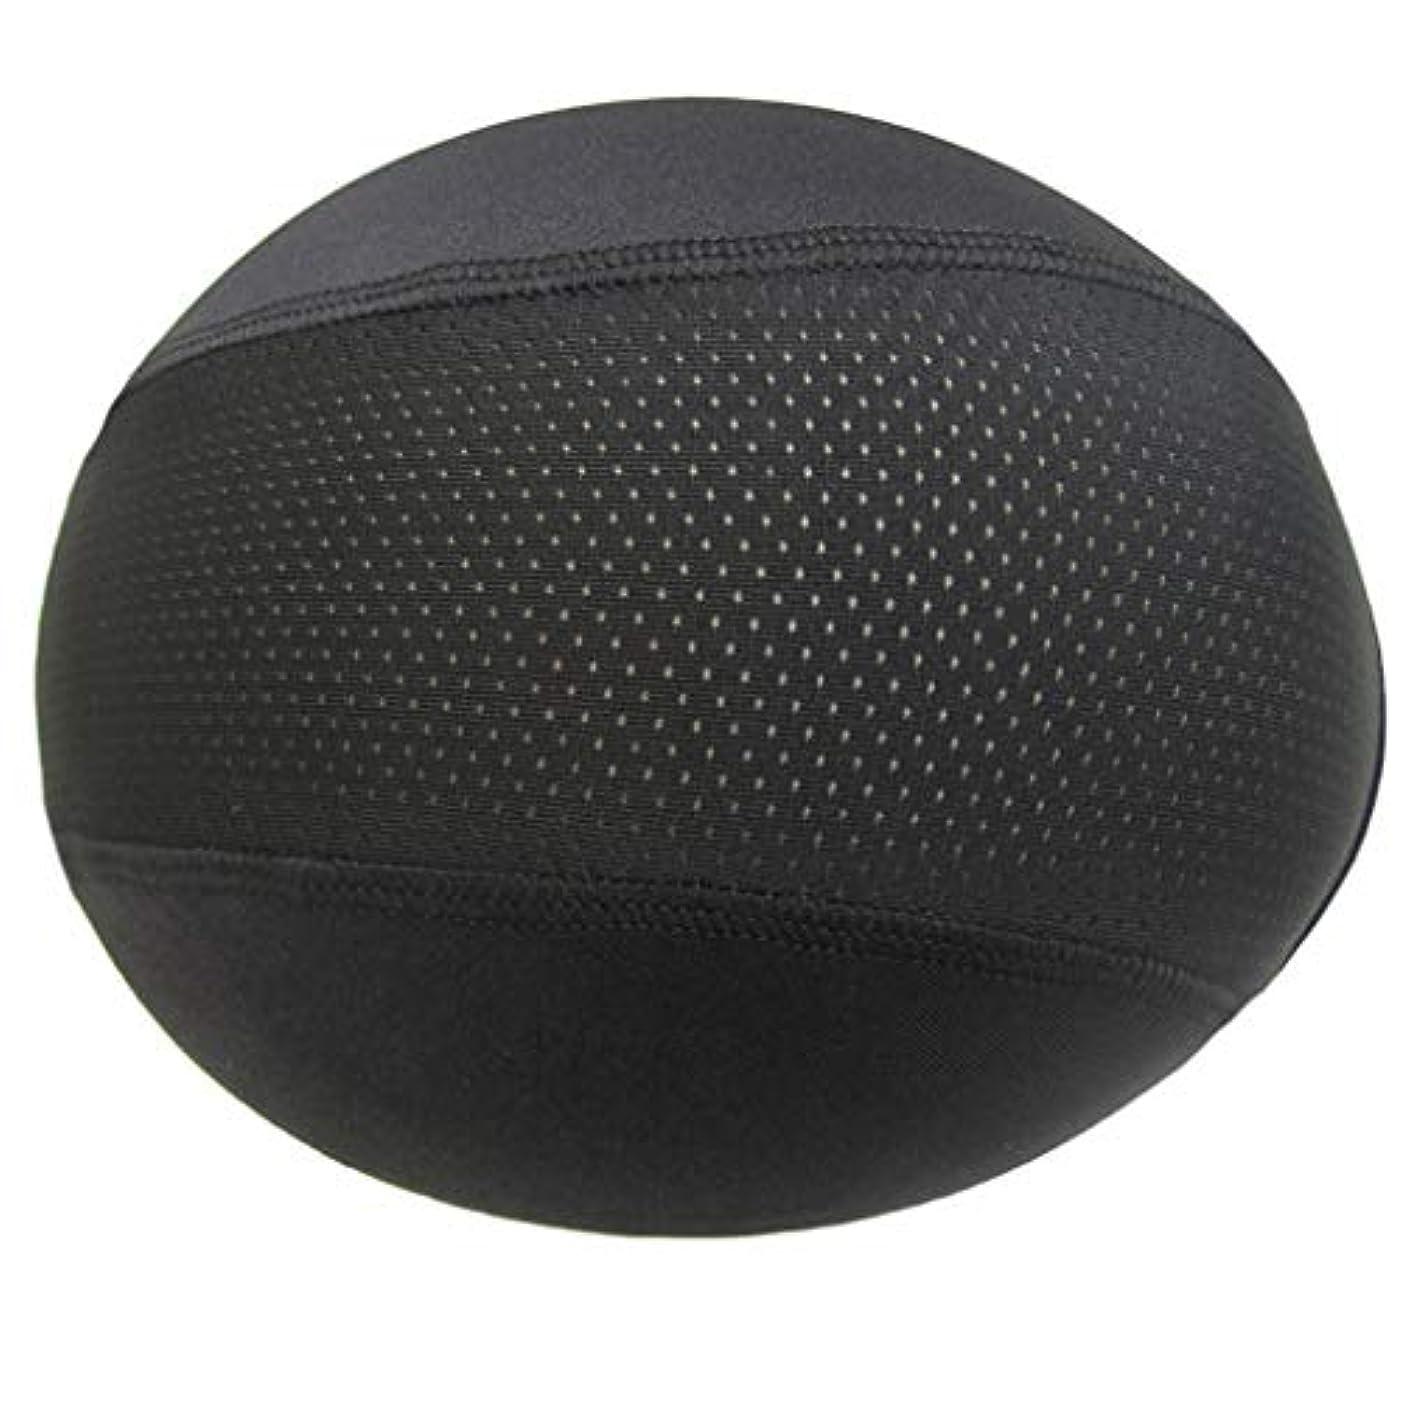 浴室修士号文句を言うヘルメットインナーキャップ ユニセックス帽子ドームキャップ 水分発散冷却スカルキャップ